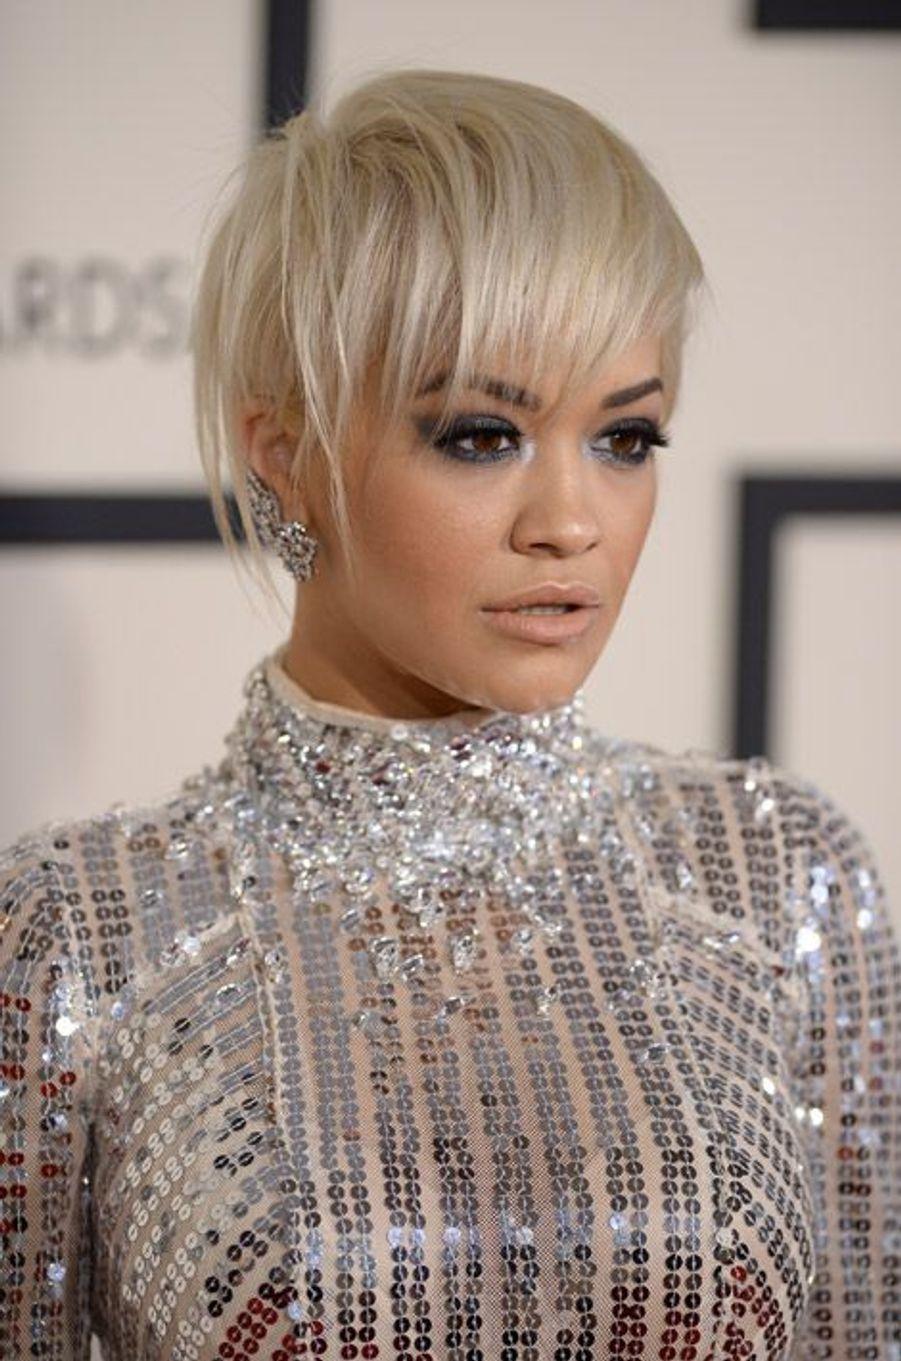 La chanteuse Rita Ora et sa coupe courte blond platine